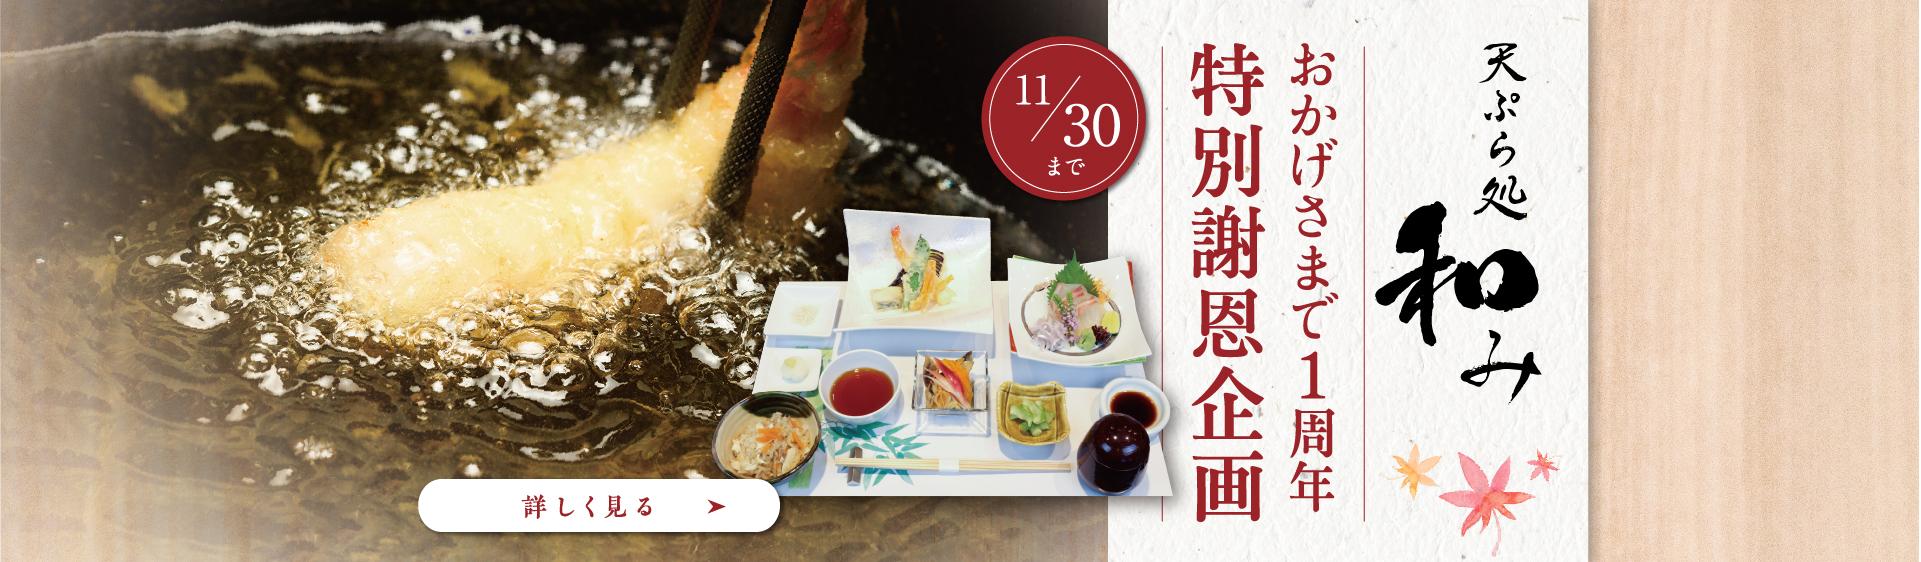 天ぷら処和み1周年記念プラン